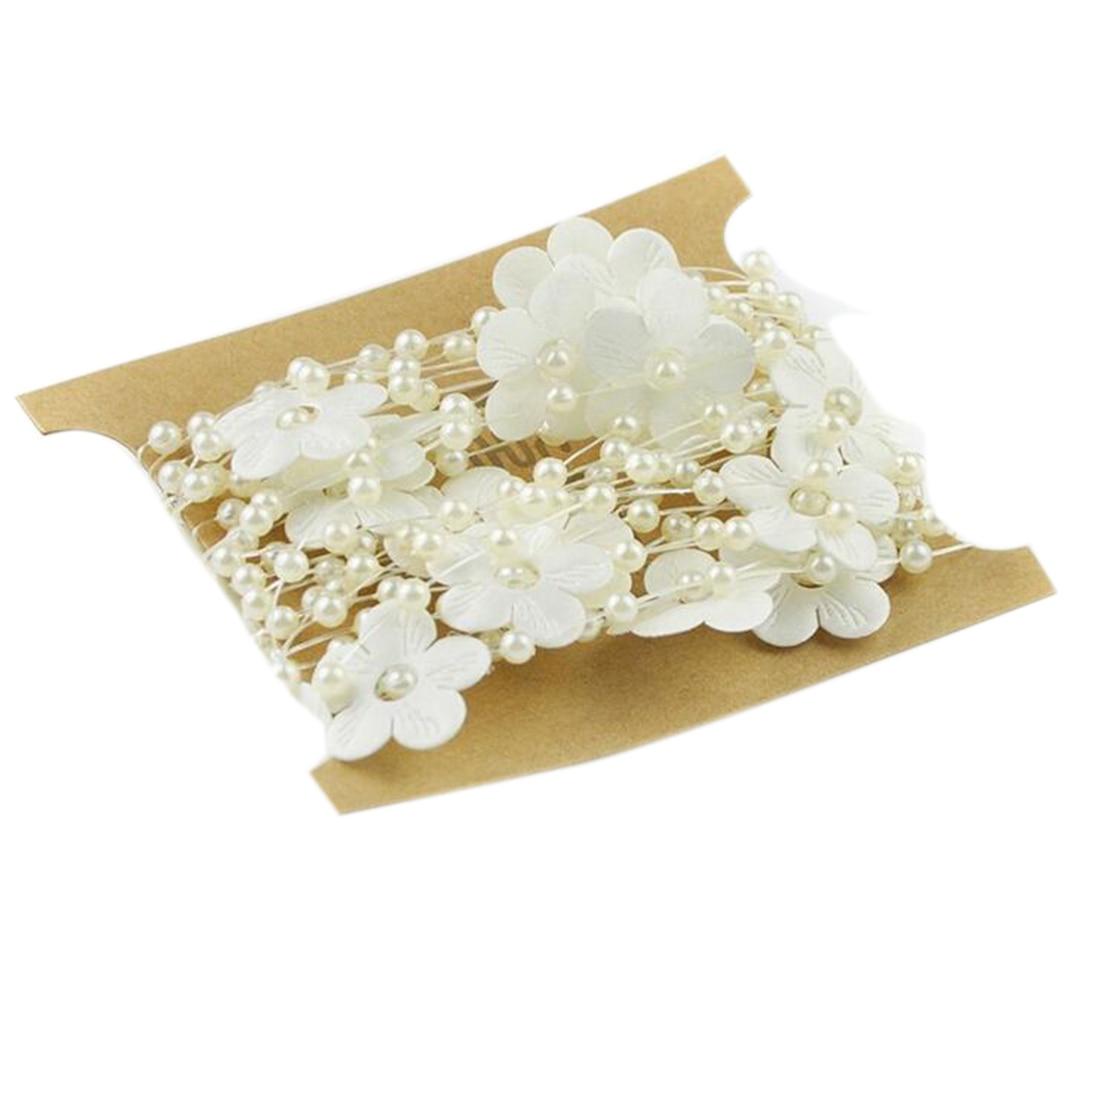 5 м белый бежевый цветок Форма леска искусственный жемчуг бусины цепи для гирлянды Цветы DIY Свадебная вечеринка украшения